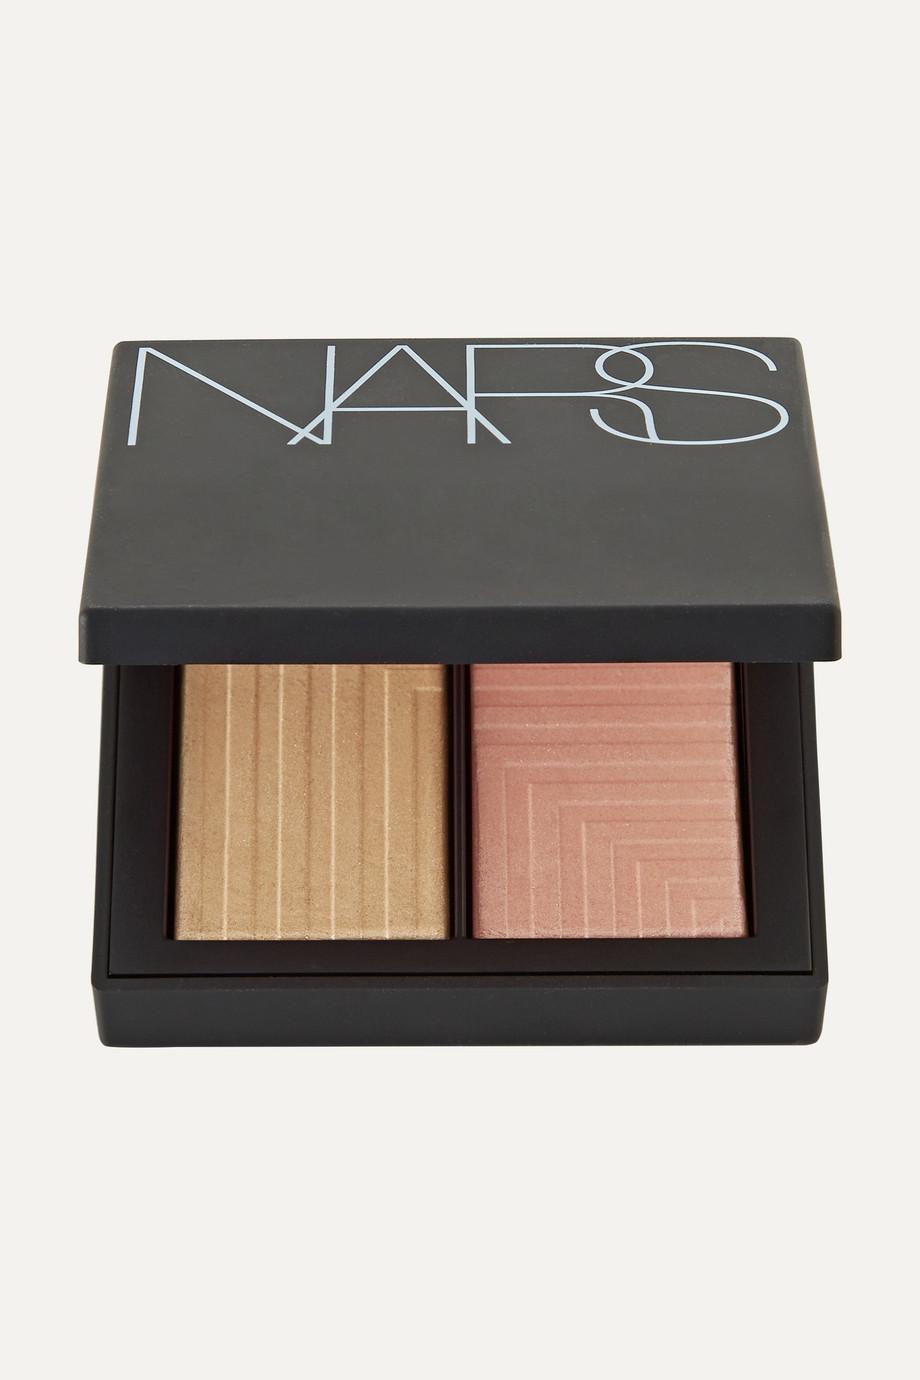 NARS Dual-Intensity Blush - Jubilation